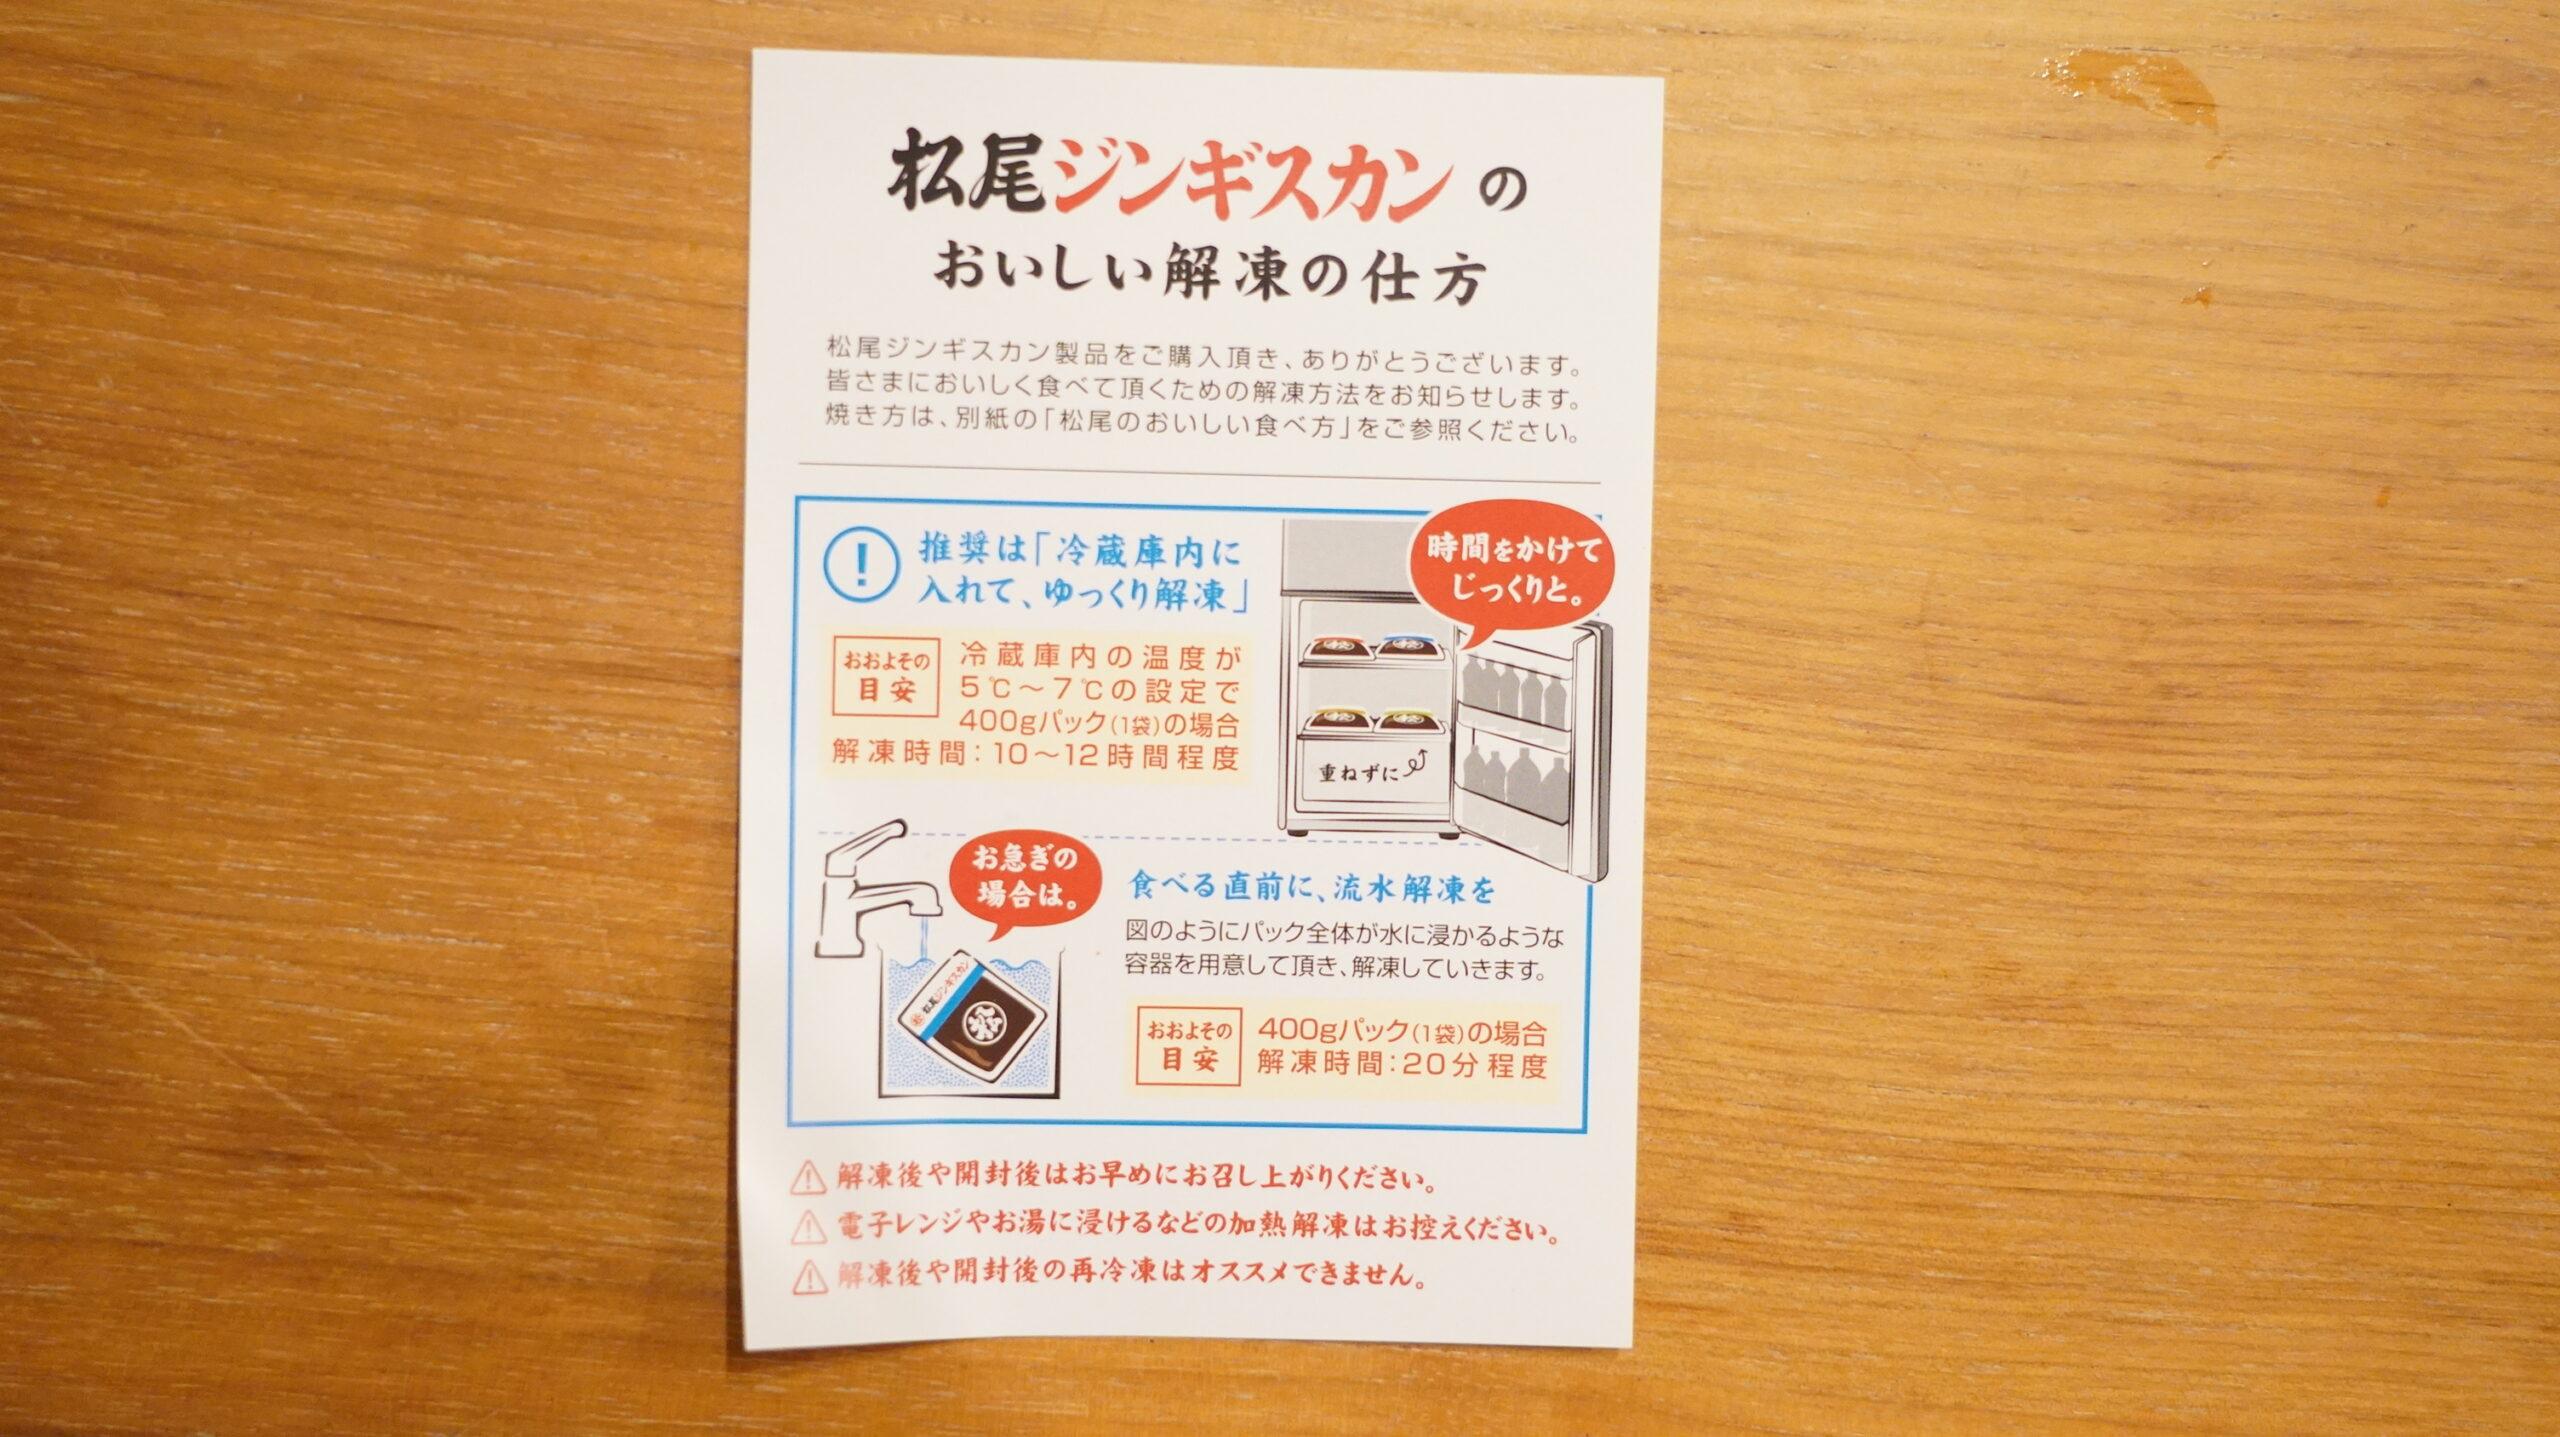 松尾ジンギスカンを通販でお取り寄せした冷凍マトン肉に付属する「おいしい解凍の仕方」の写真